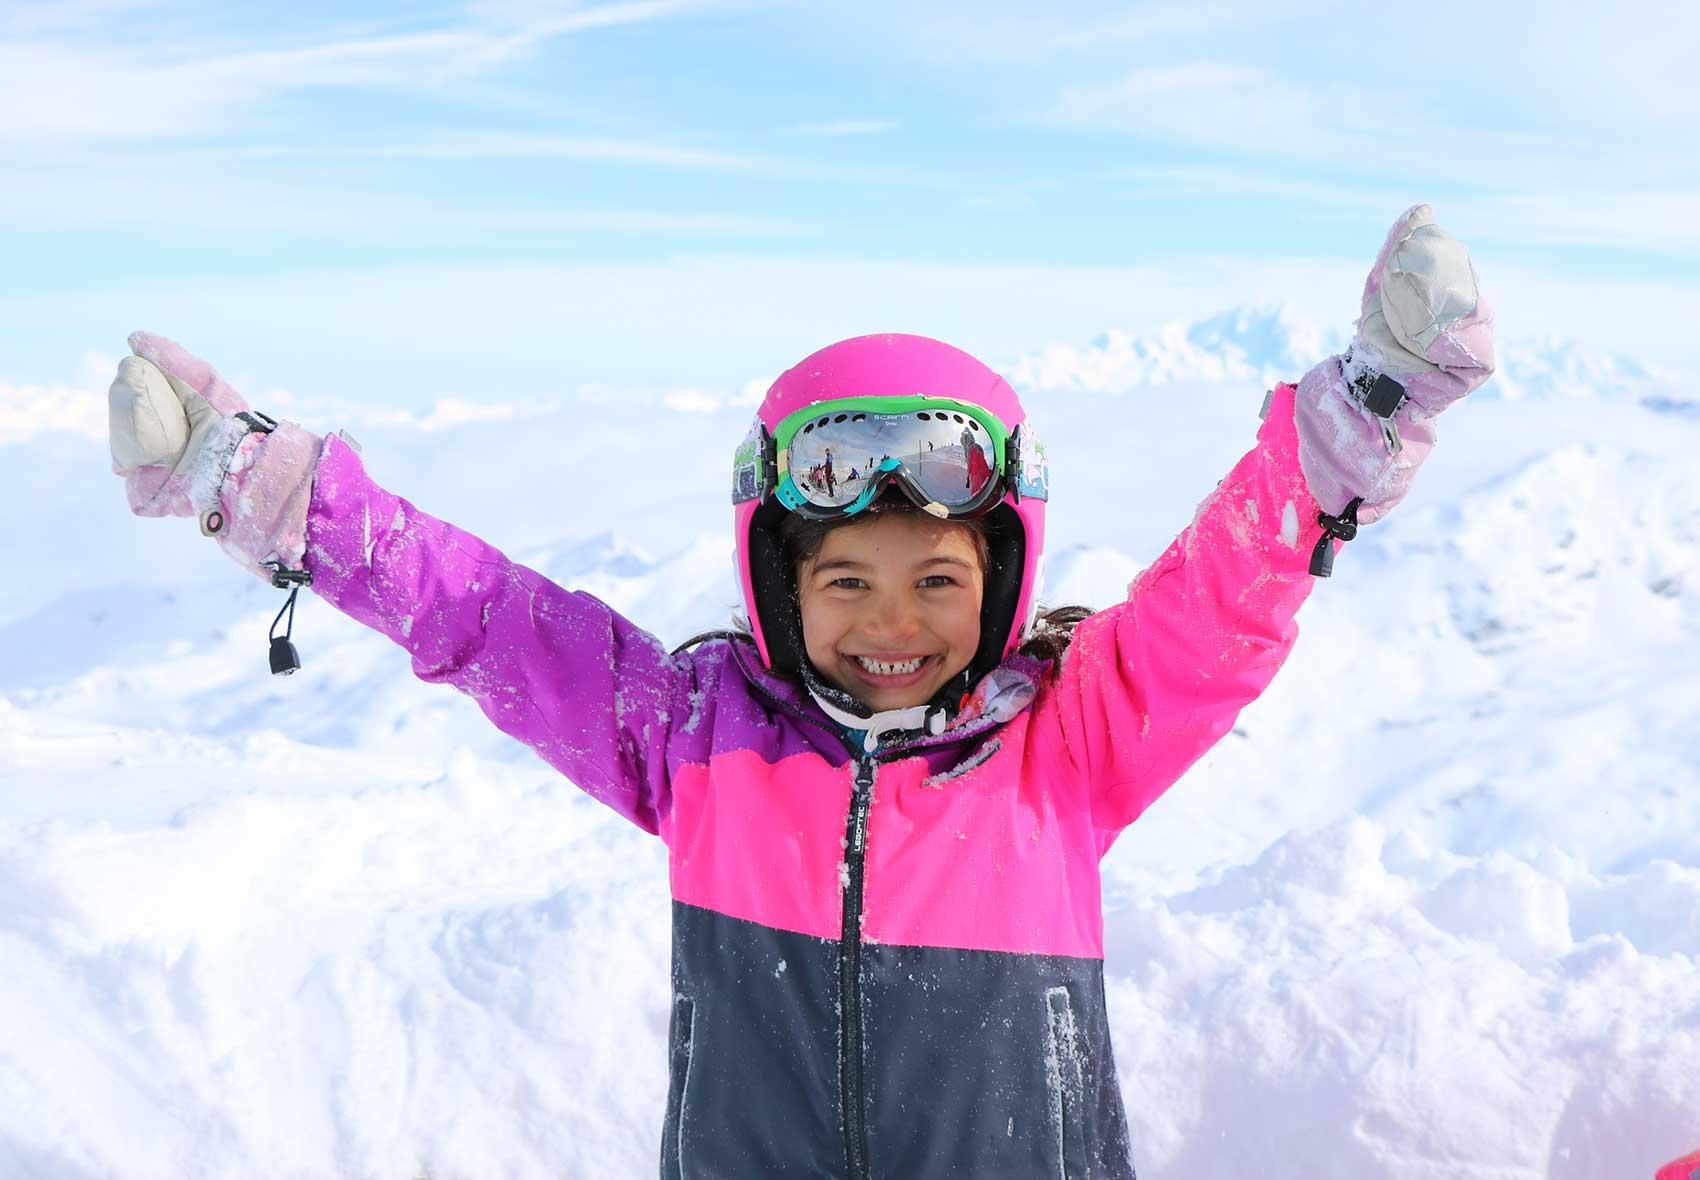 enfant qui sourit pendant un cours de ski